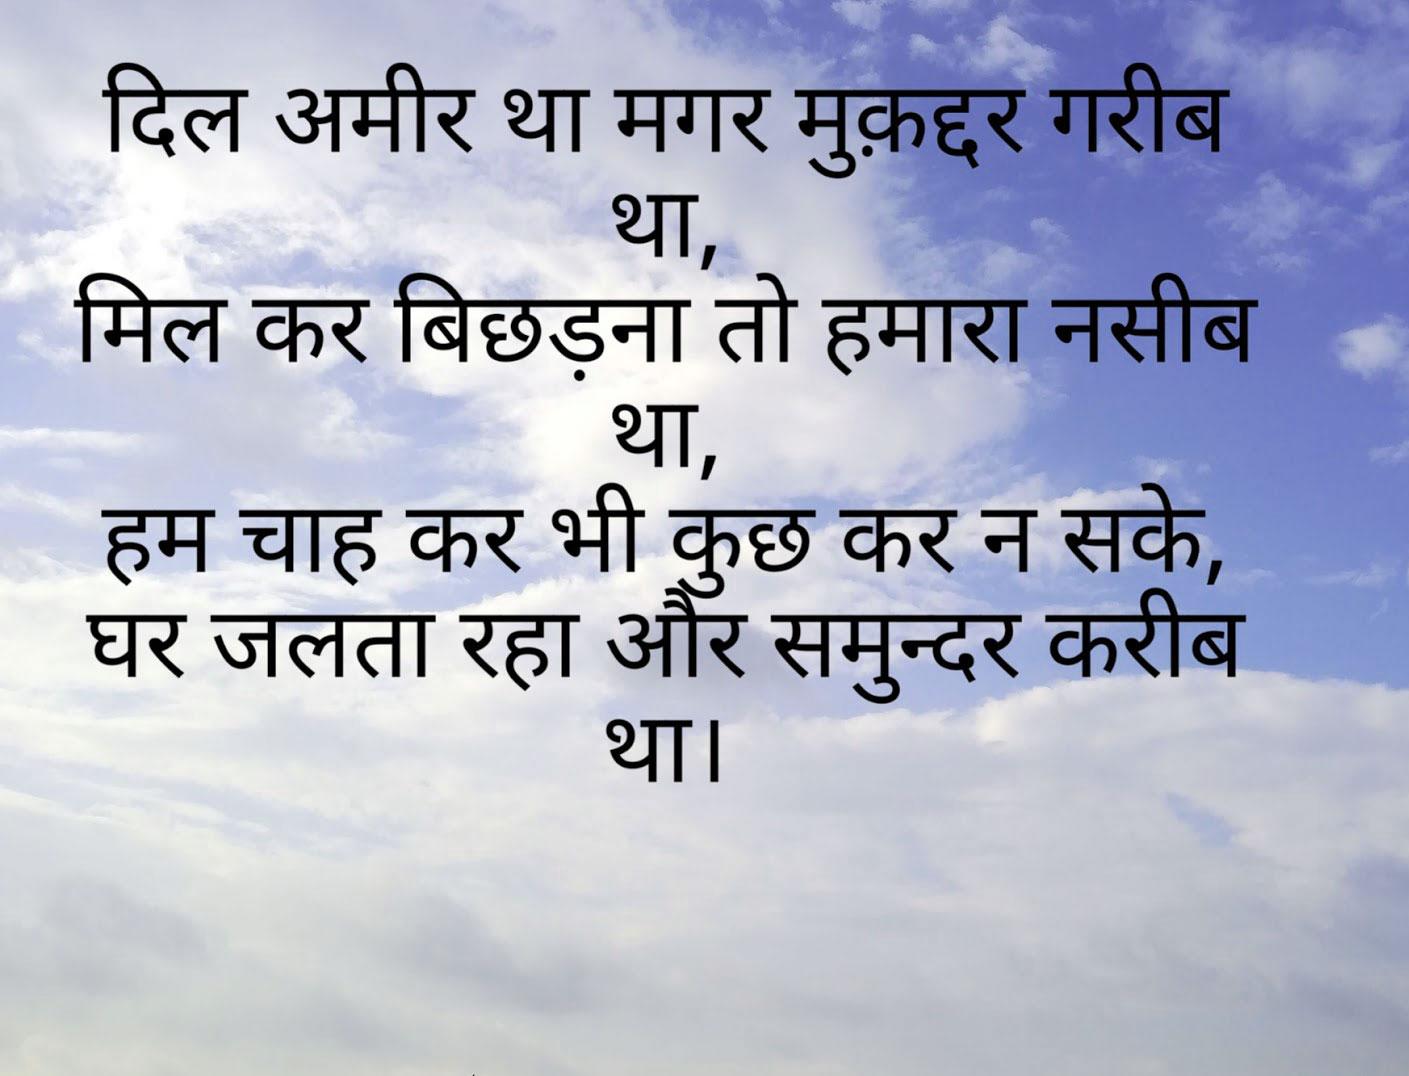 Hindi Shayari 76